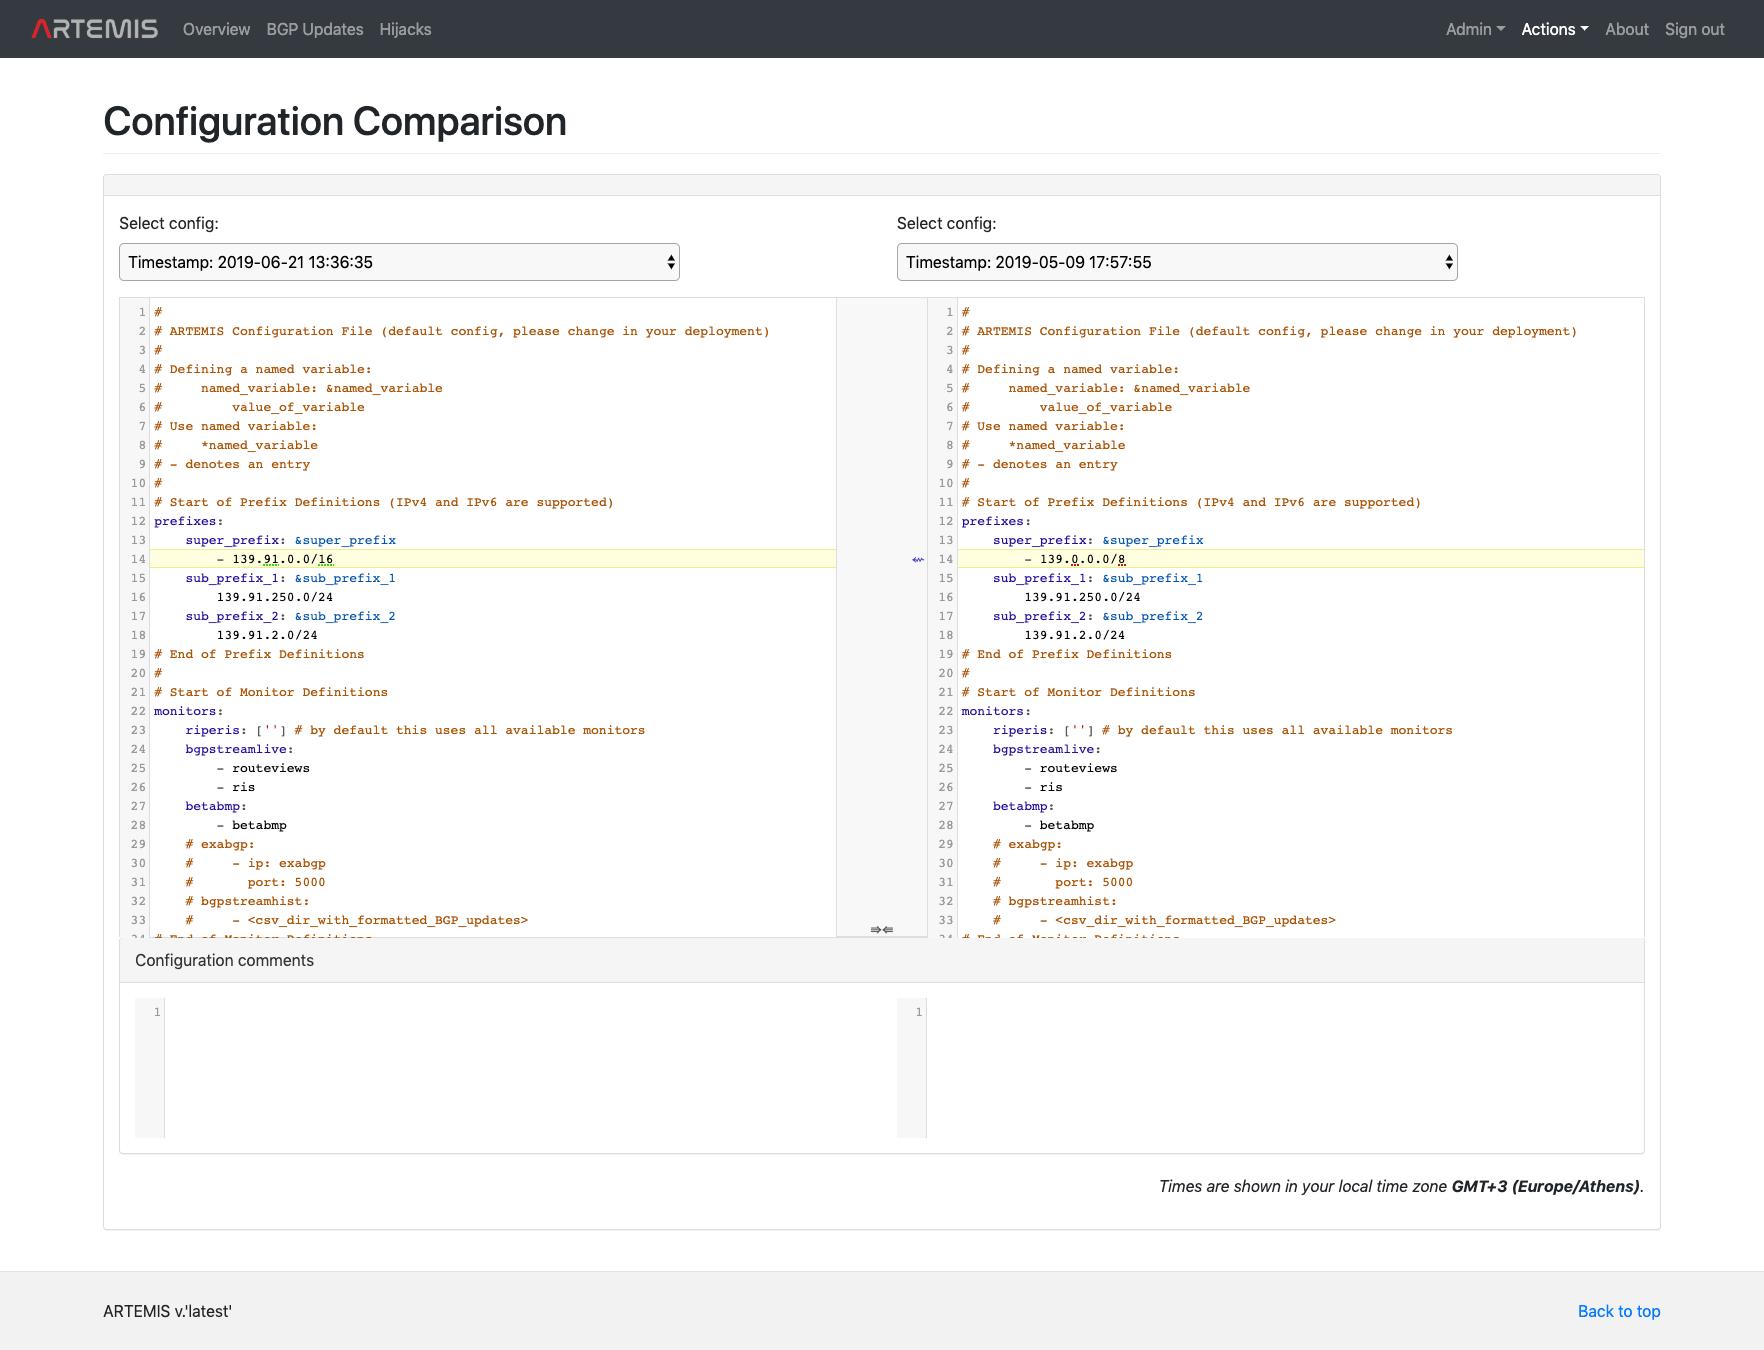 ARTEMIS - Config Comparison Page